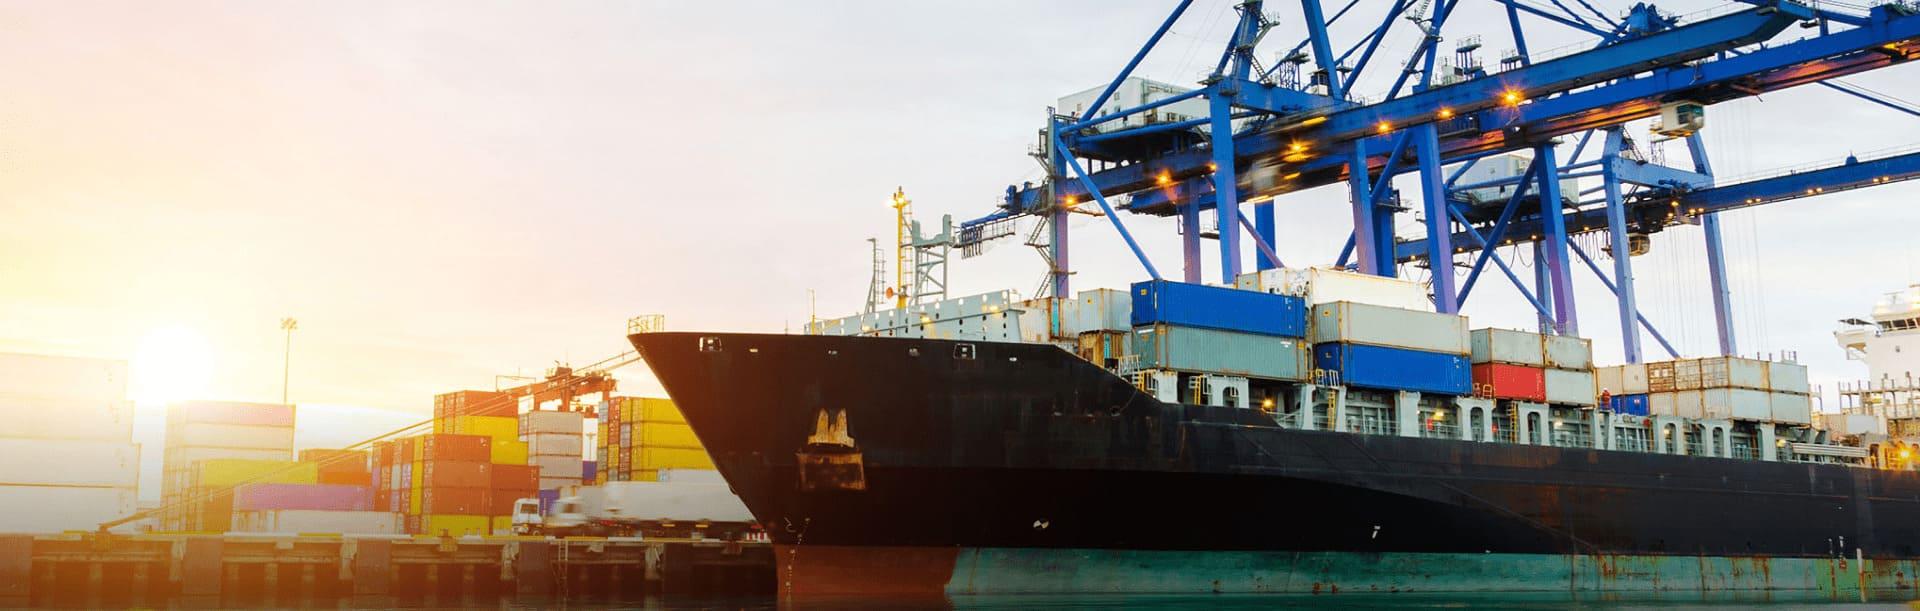 Foto ilustrativa de um navio atracado no porto